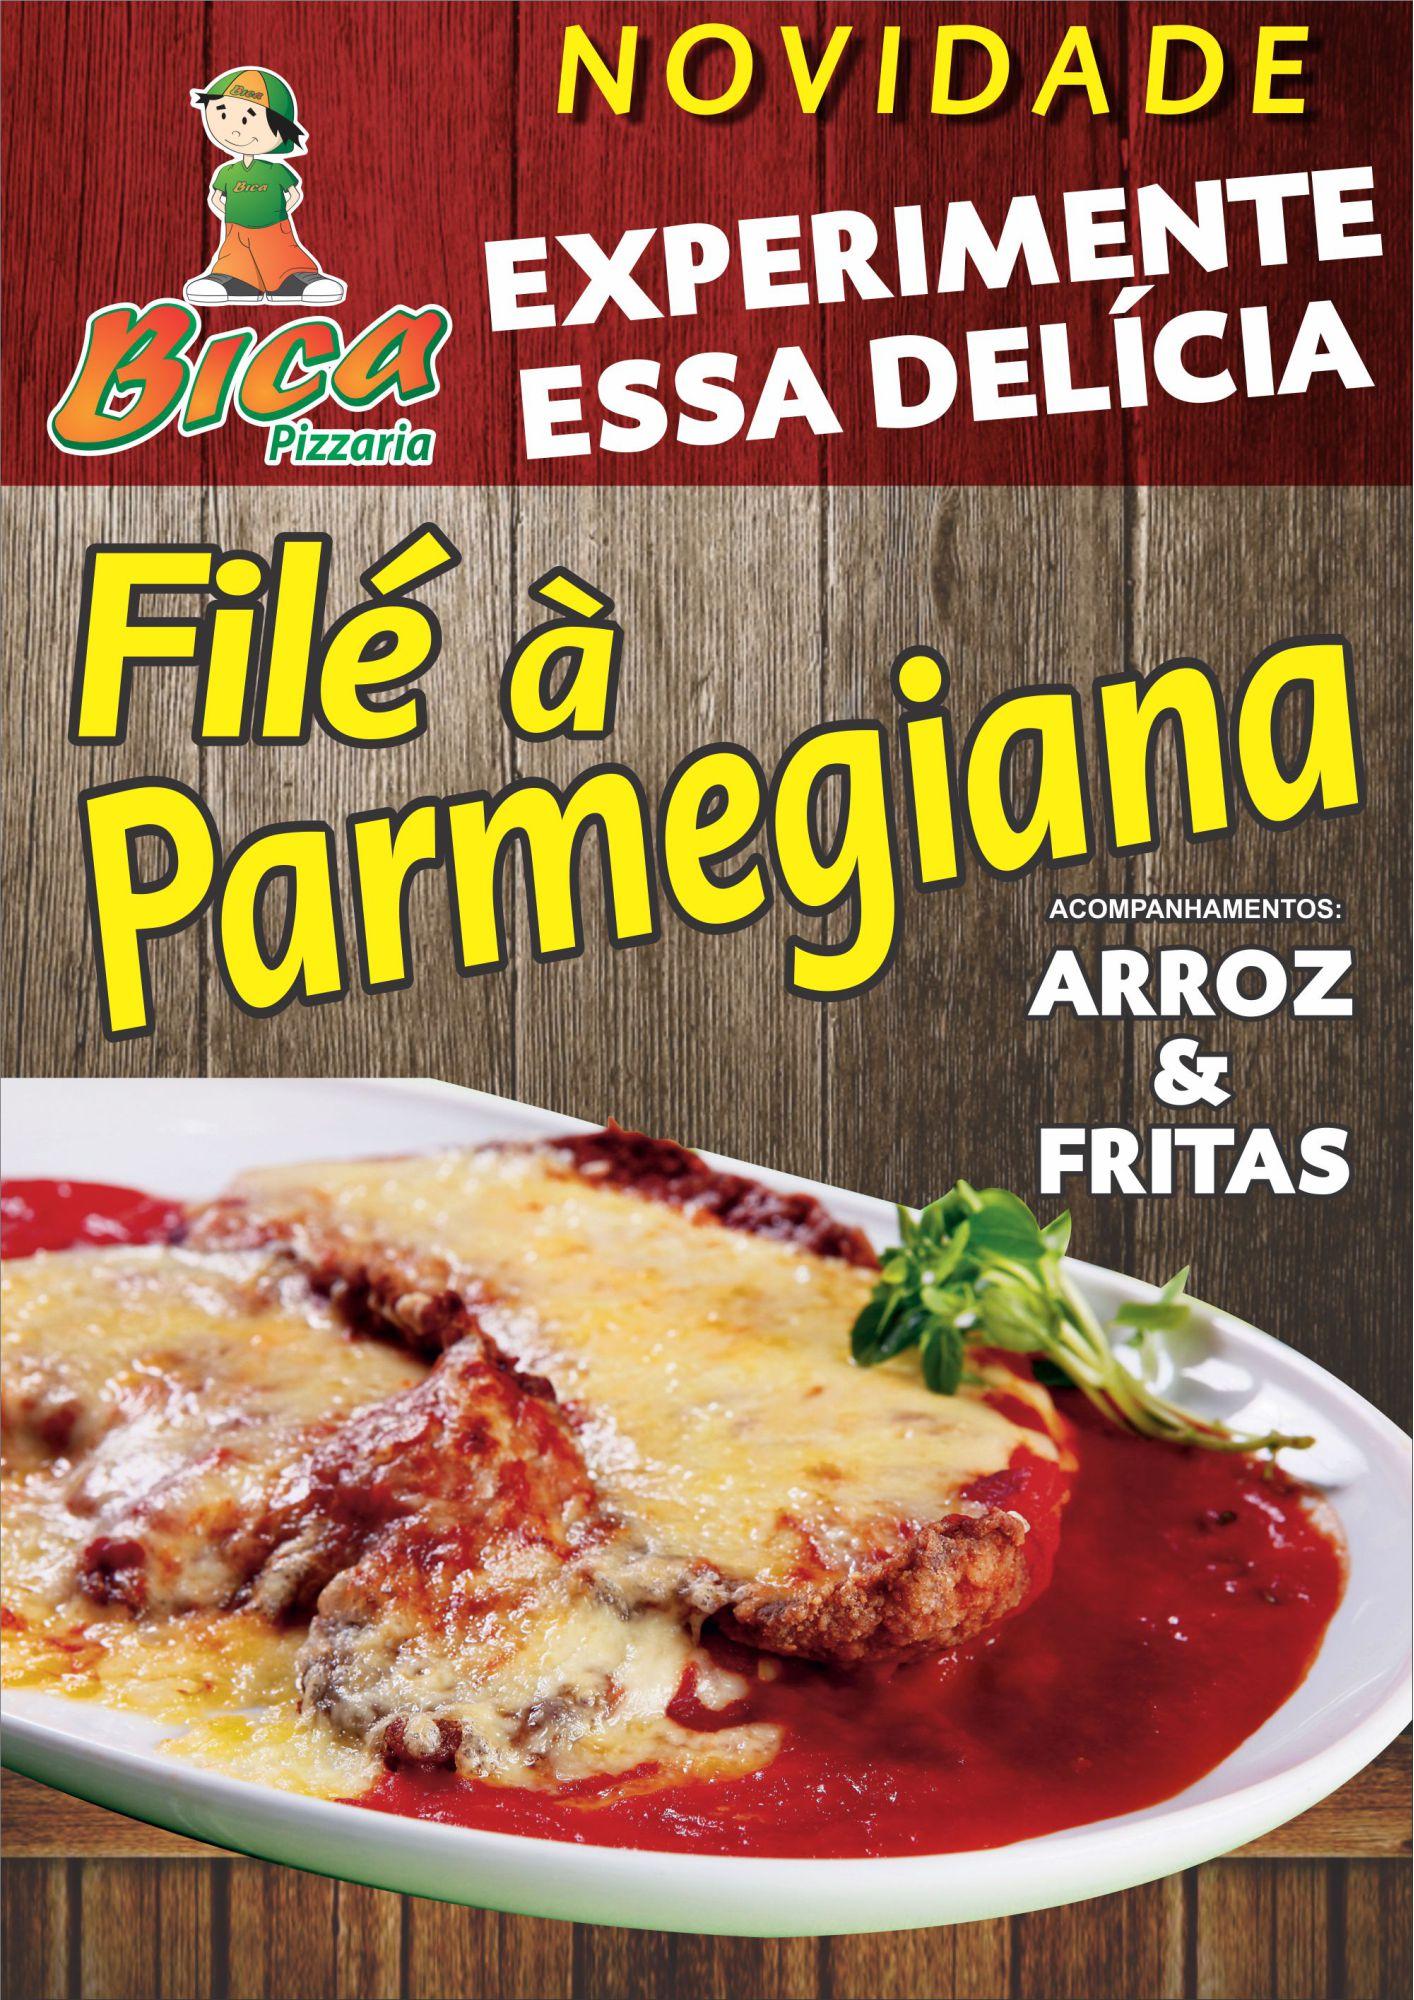 Bica Pizzaria Bica Restaurante Buffet Pizza Camboriu Pizzaria Camnoriu Pizza Balneario Camboriu, bc.  Pizzaria Balneario Camboriu, bc. (47) 9600-0898